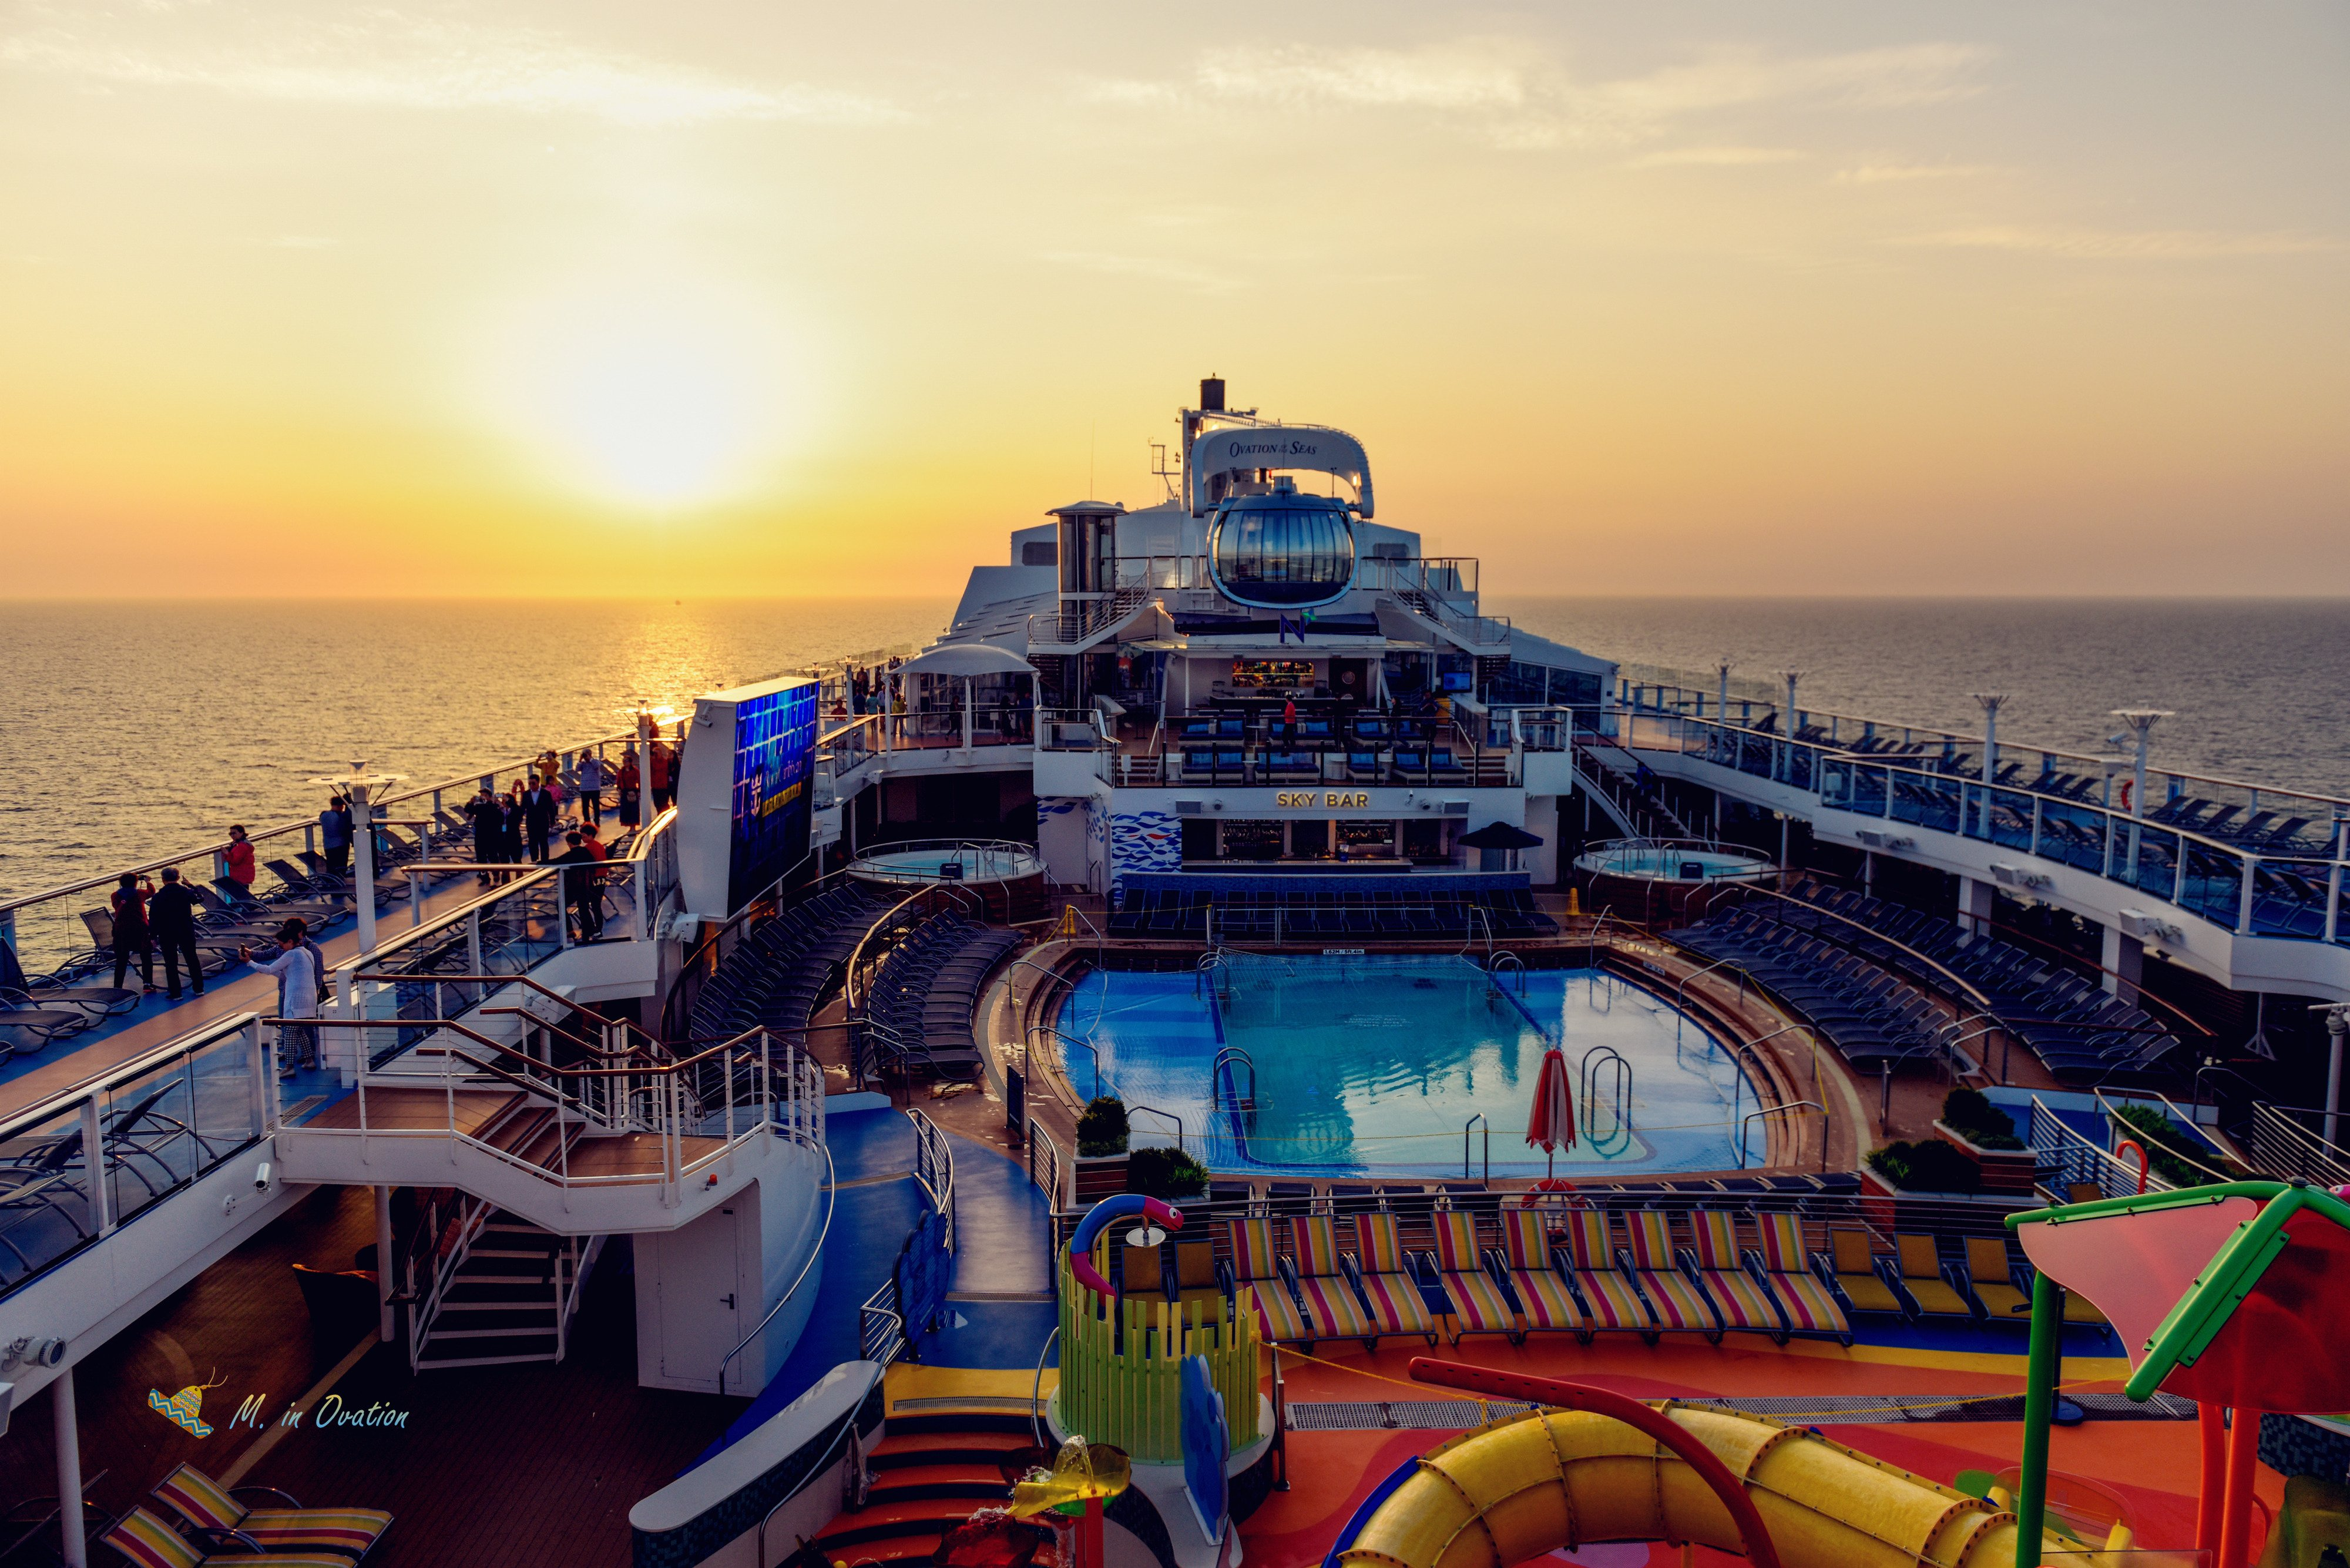 梦幻的海上移动城堡,面朝大海,吃喝玩乐(皇家加勒比海洋赞礼号7天6夜长崎熊本)